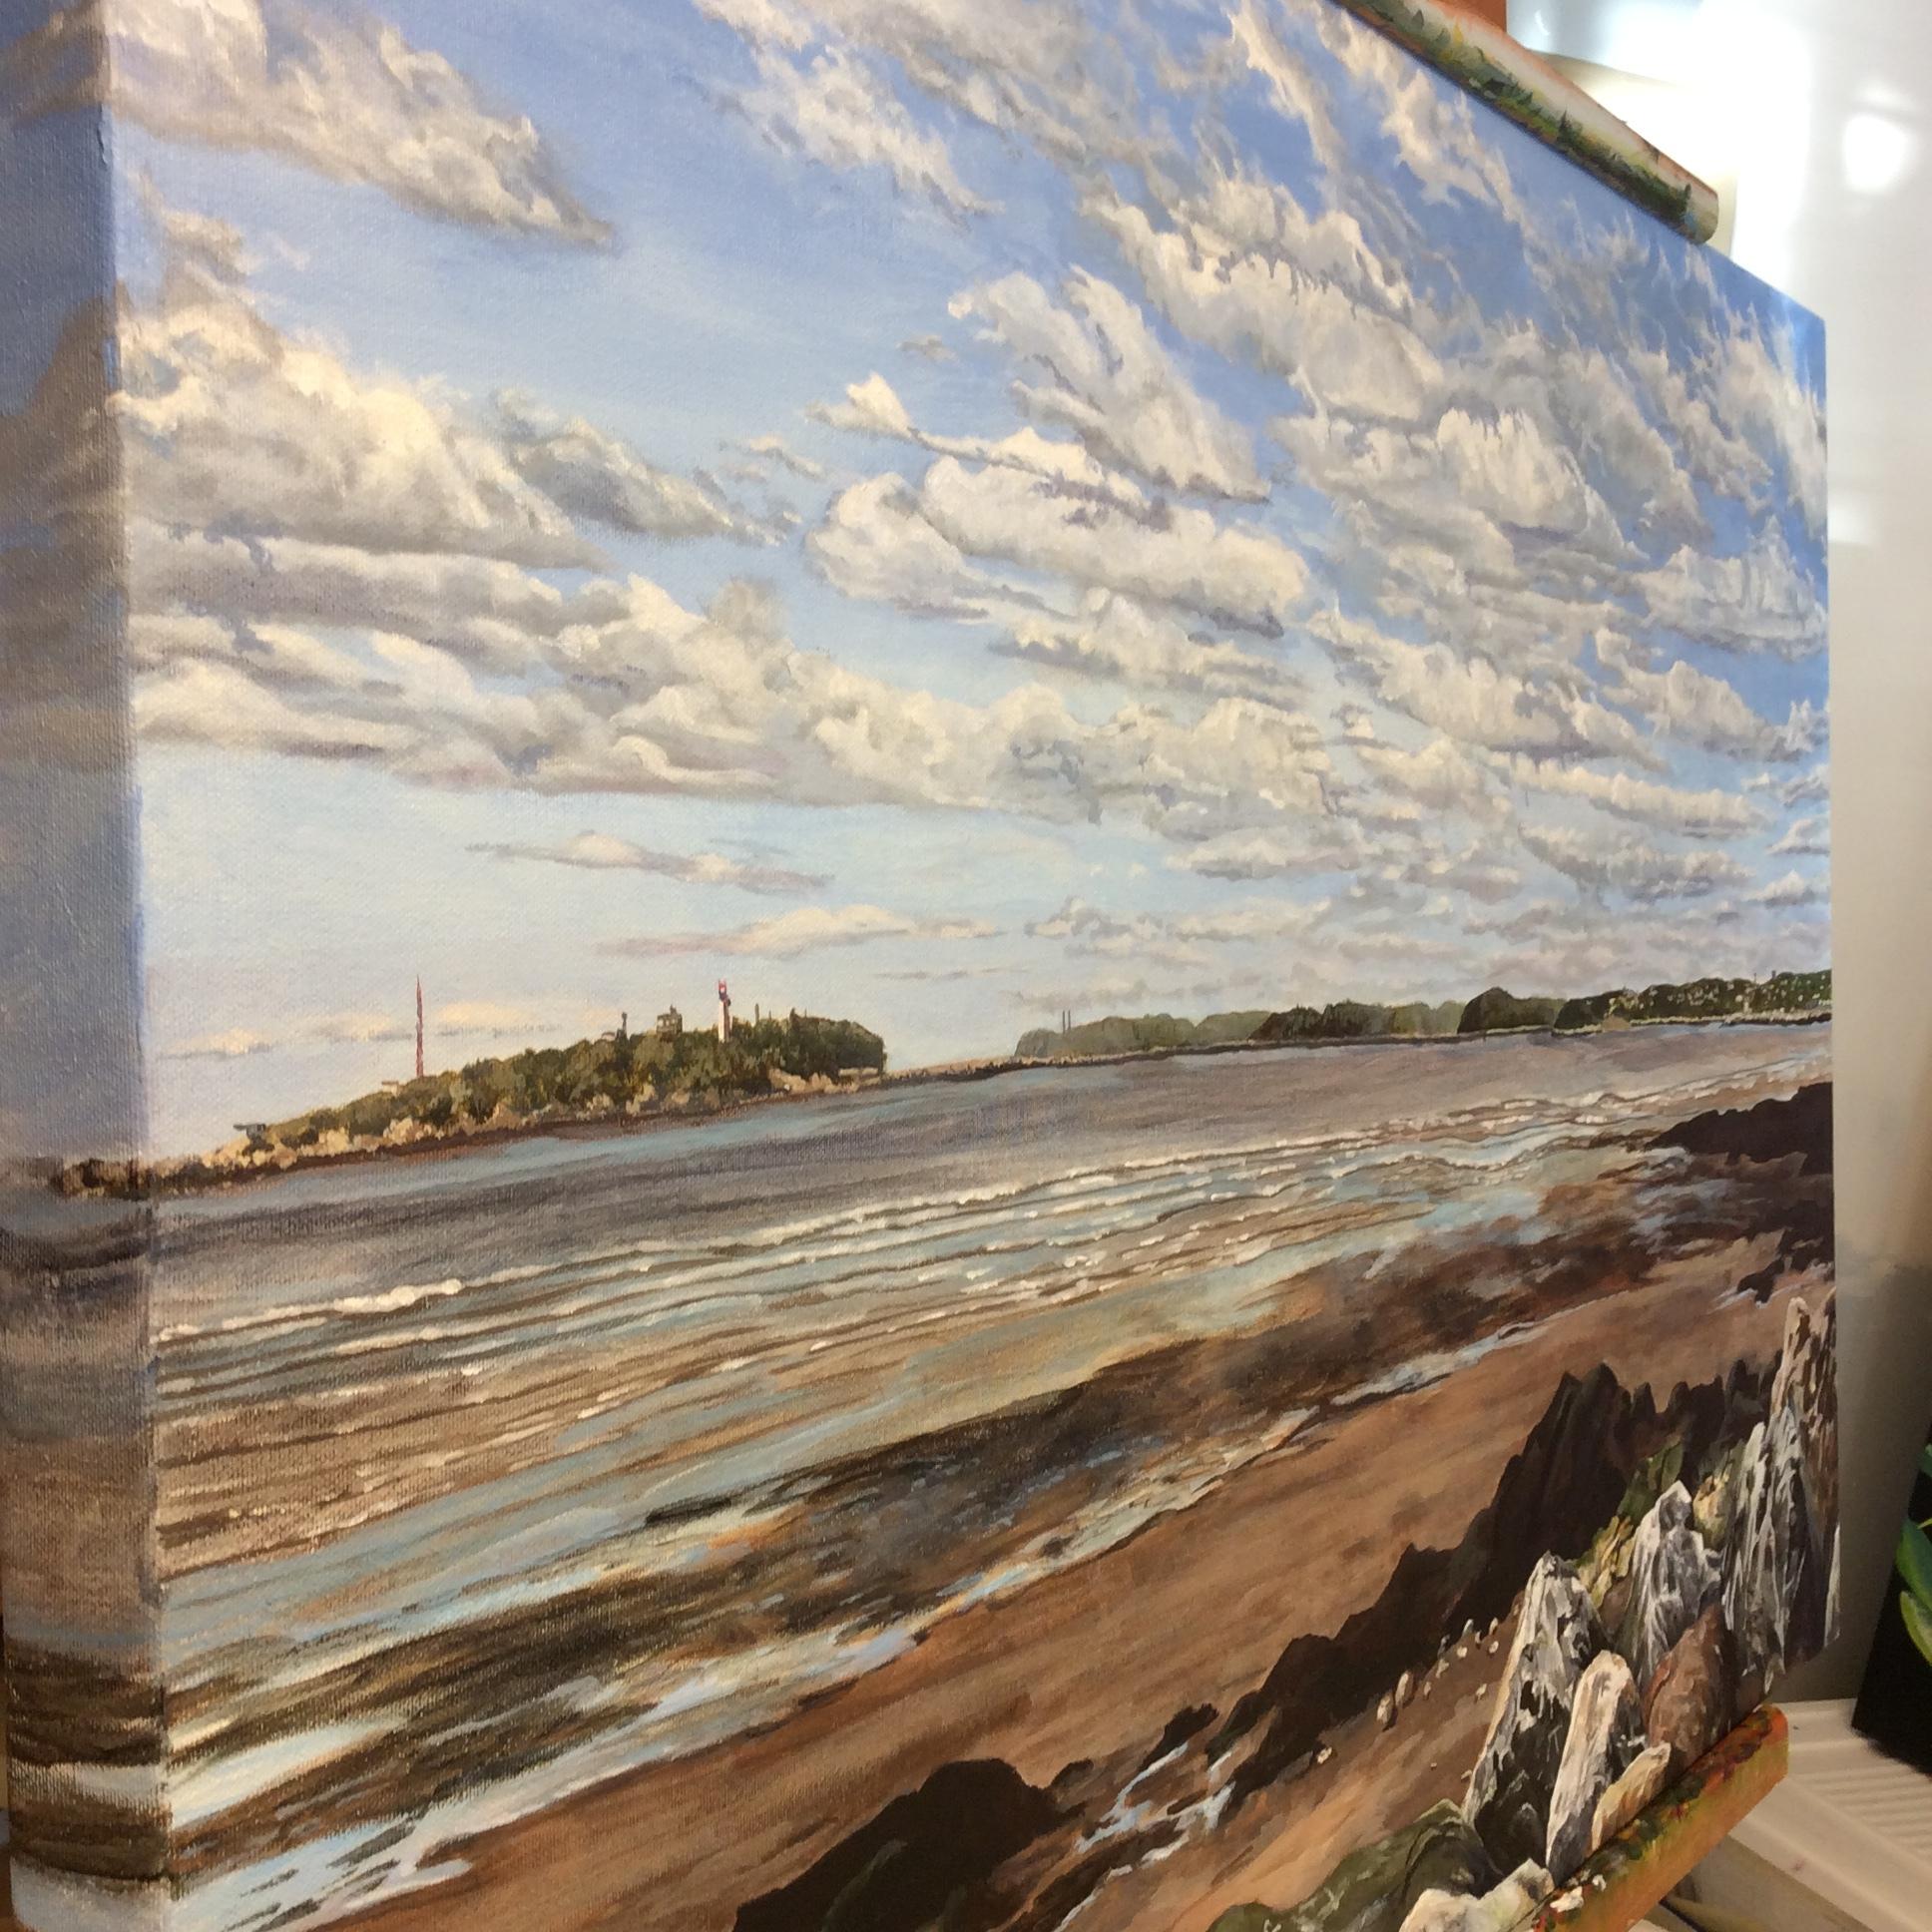 Partridge Island by Helen Shideler